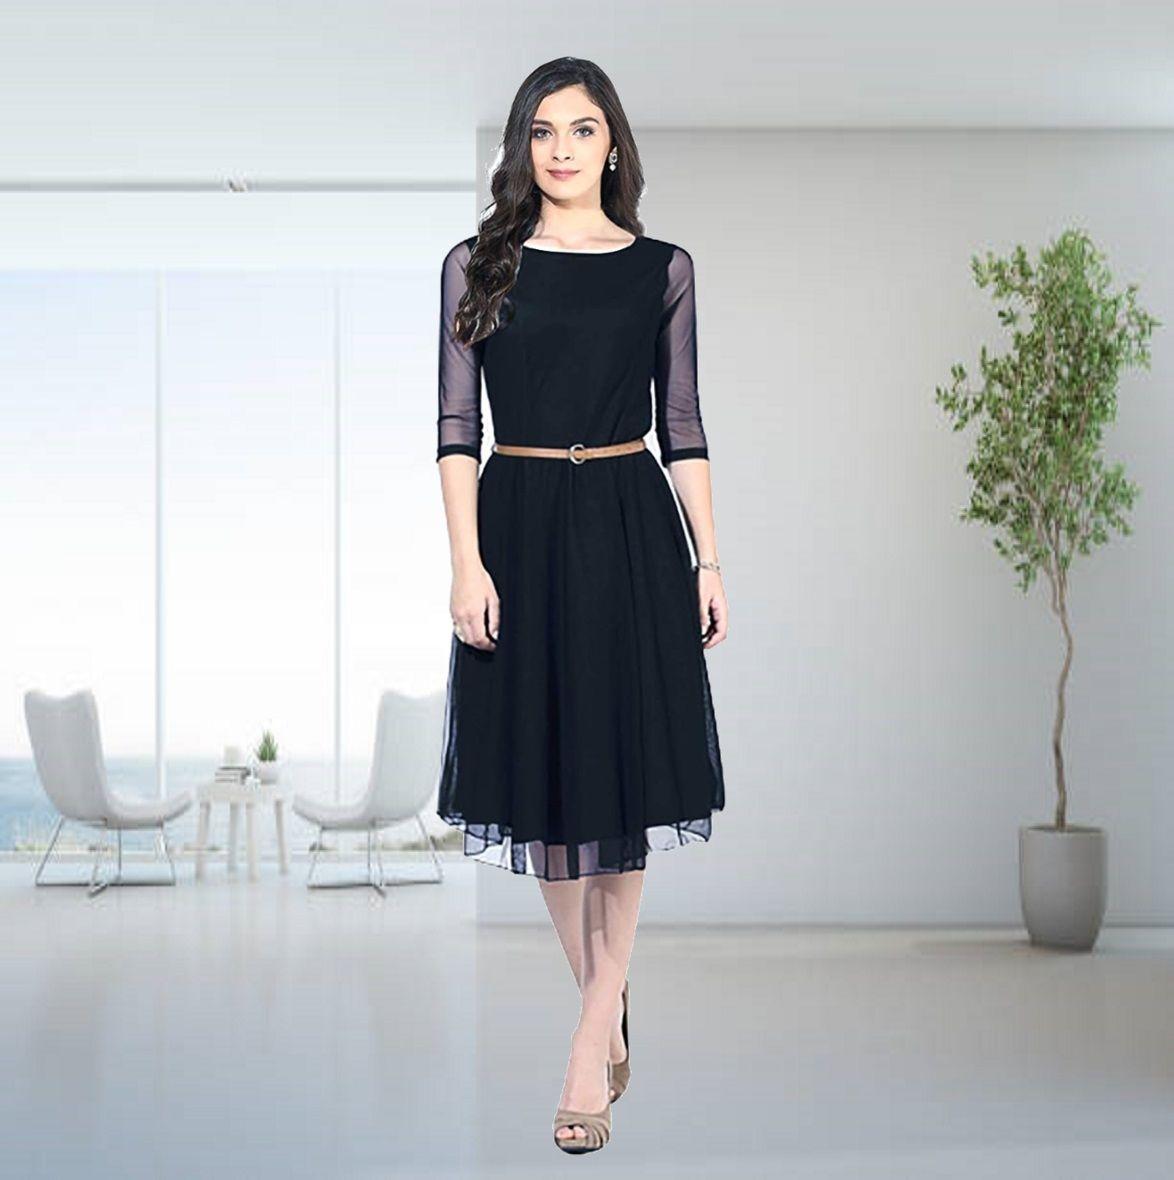 Plain Black Western Top With Belt B4u Fashion Western Tops Fashion Western Dresses [ 1180 x 1174 Pixel ]